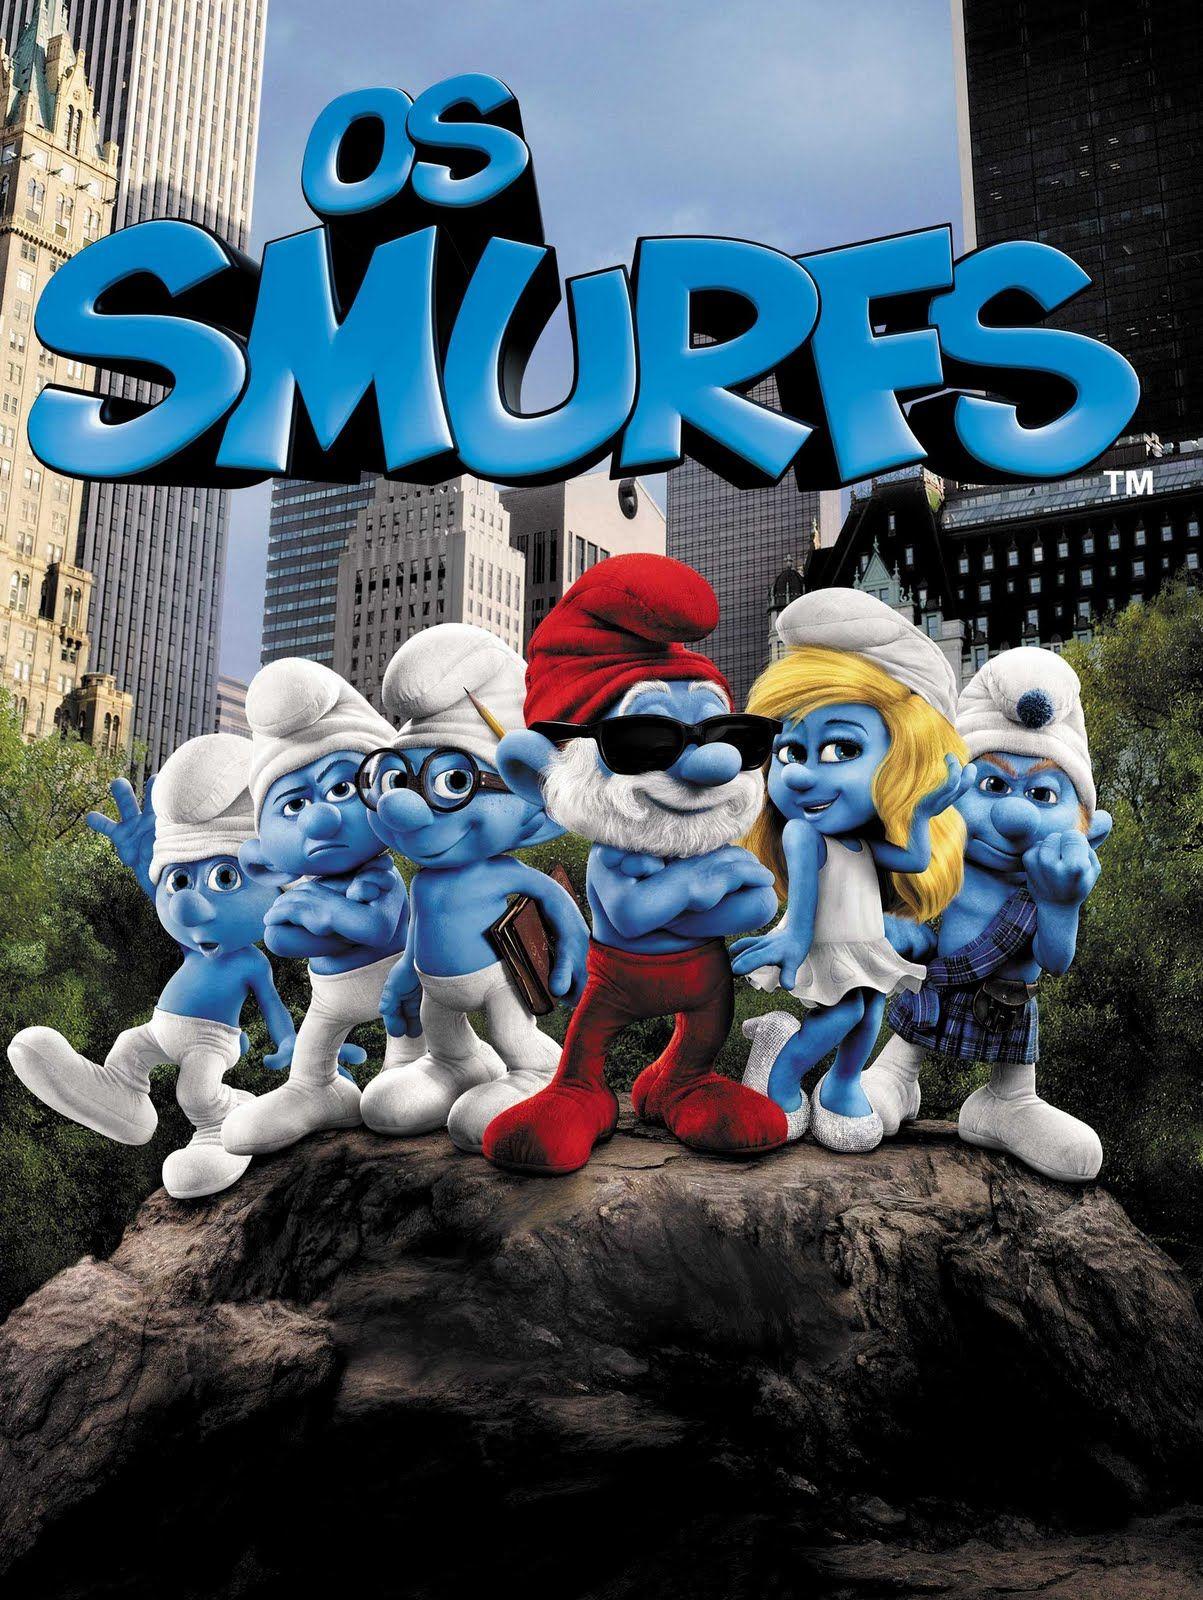 Os Smurfs Cinema Infantil Filmes Infantis Os Smurfs